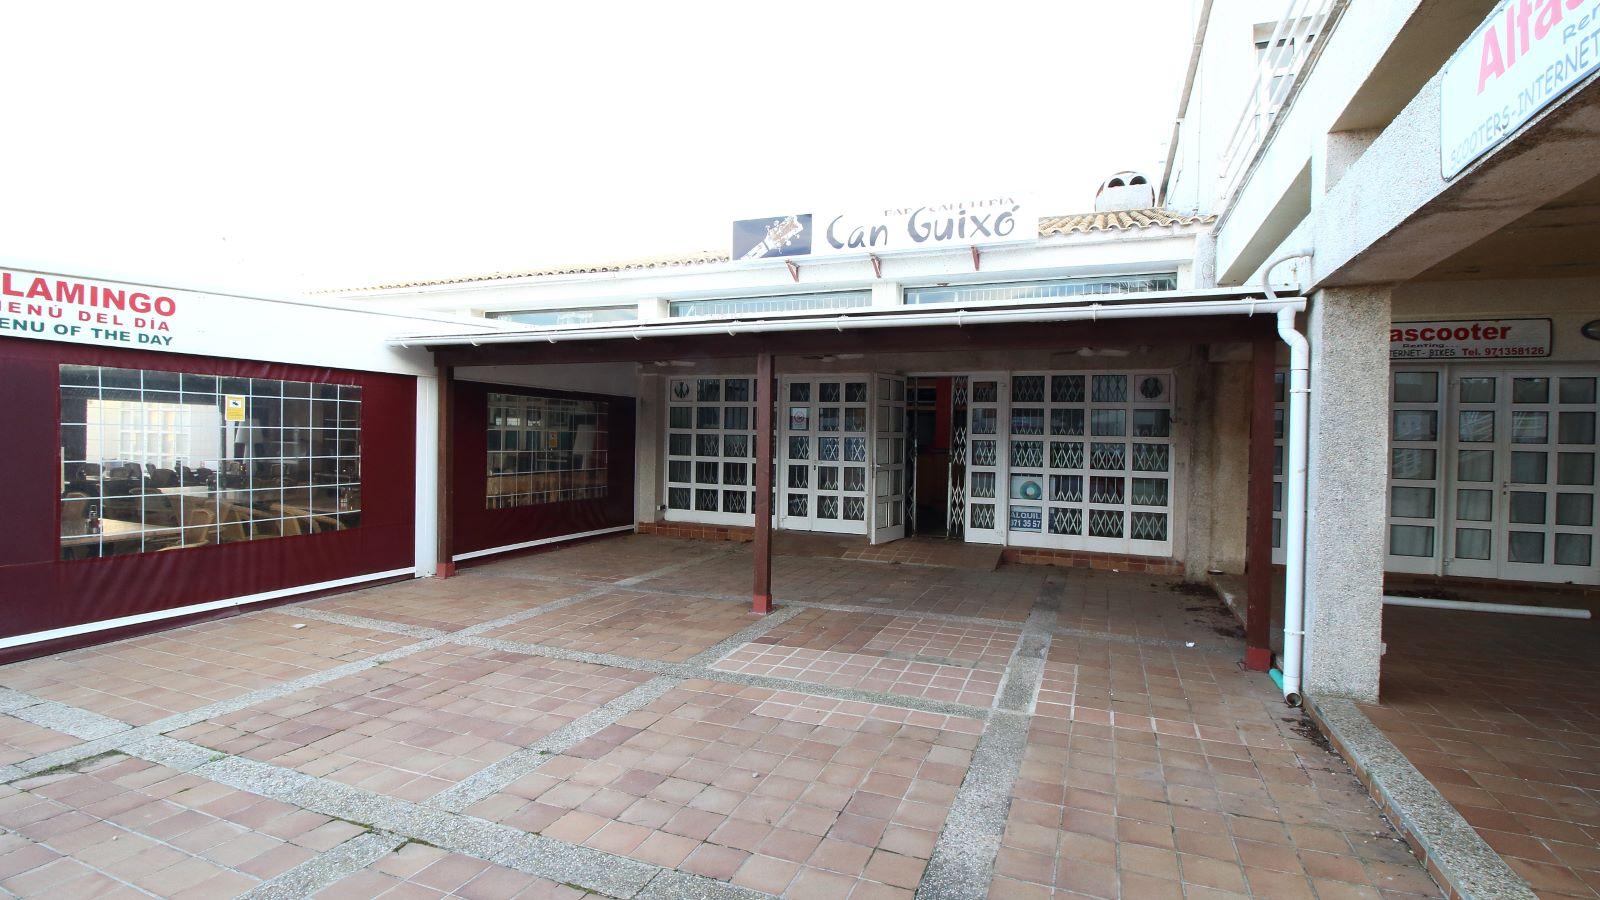 Local comercial en Coves Noves Ref: V2430 4